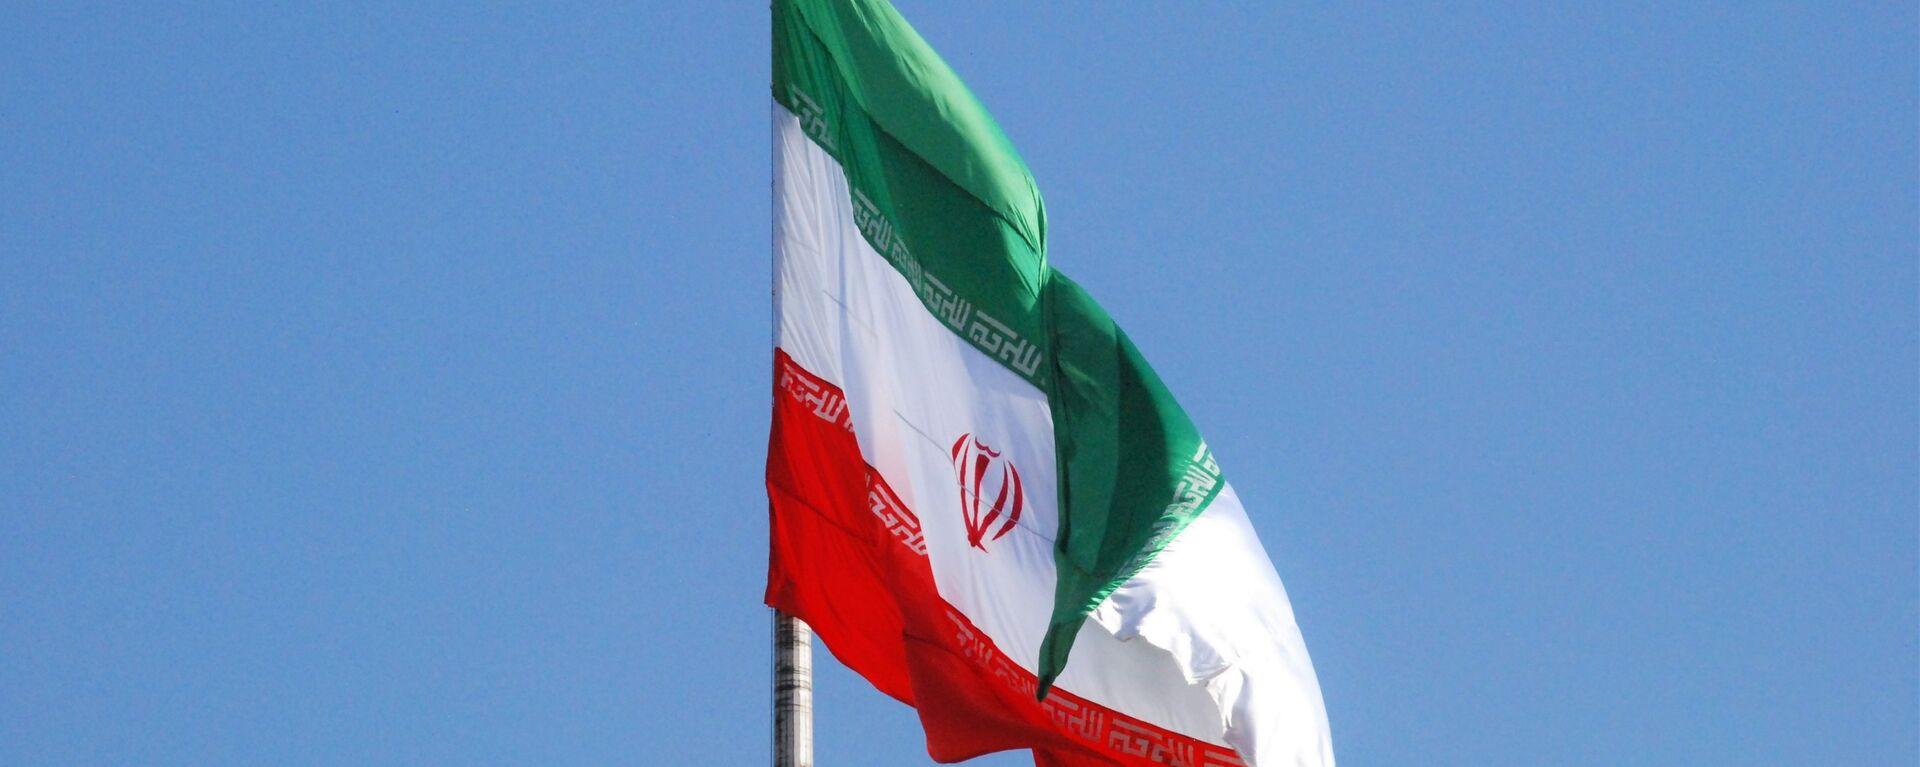 Σημαία του Ιράν σε δρόμο στην Τεχεράνη - Sputnik Ελλάδα, 1920, 24.09.2021